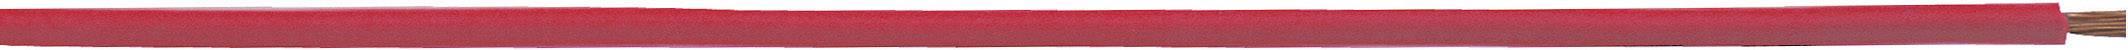 Opletenie / lanko LappKabel 4510113 H05V-K, 1 x 1 mm², vonkajší Ø 2.60 mm, 100 m, žltá